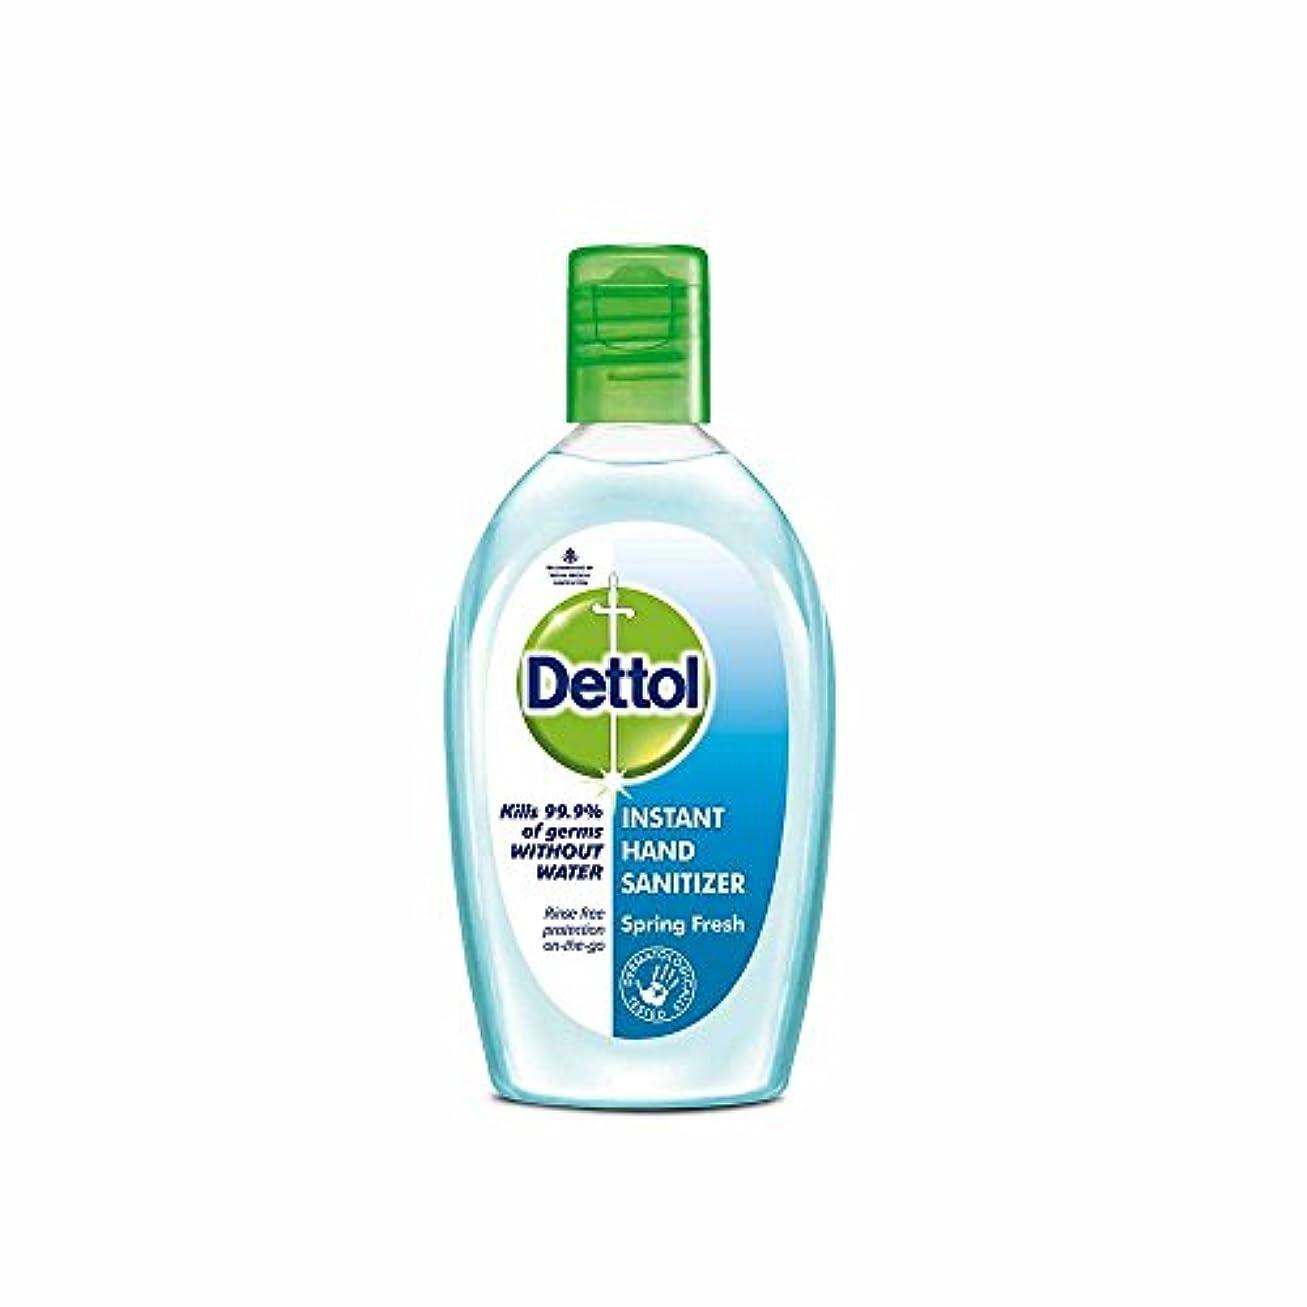 ガレージテーマメロディーDettol Instant Hand Sanitizer Spring Fresh - 50 ml